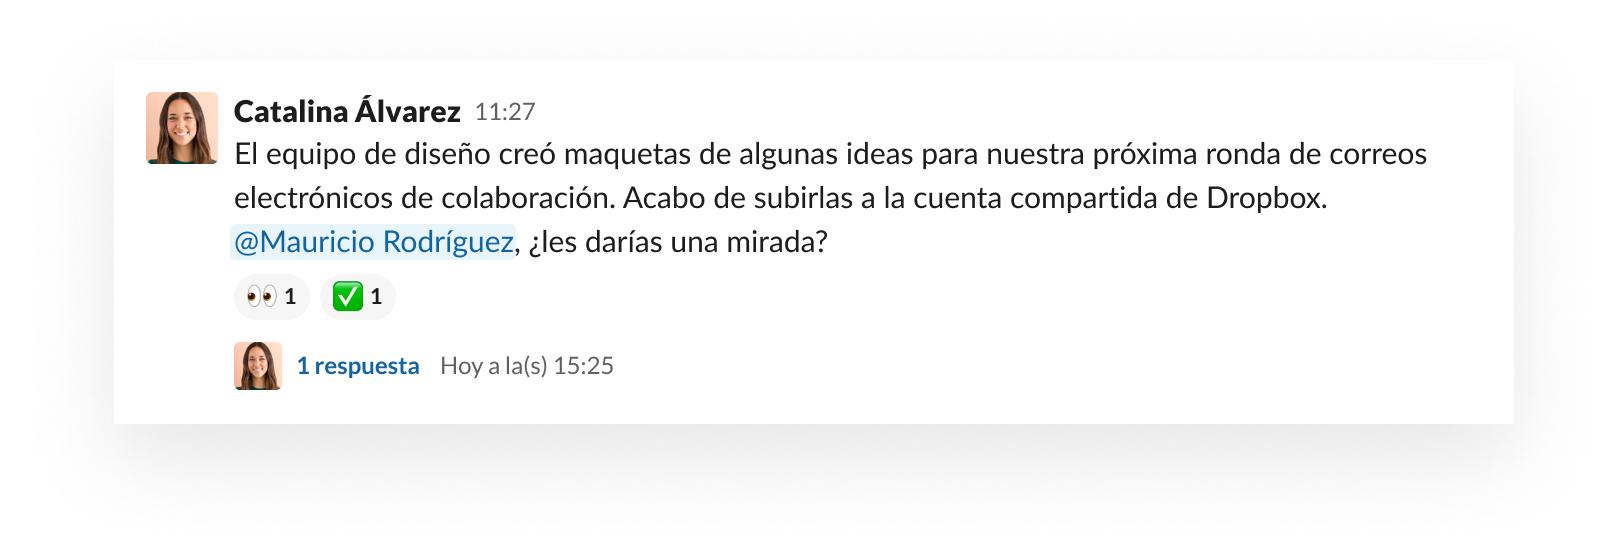 Recopilar comentarios rápidos en Slack